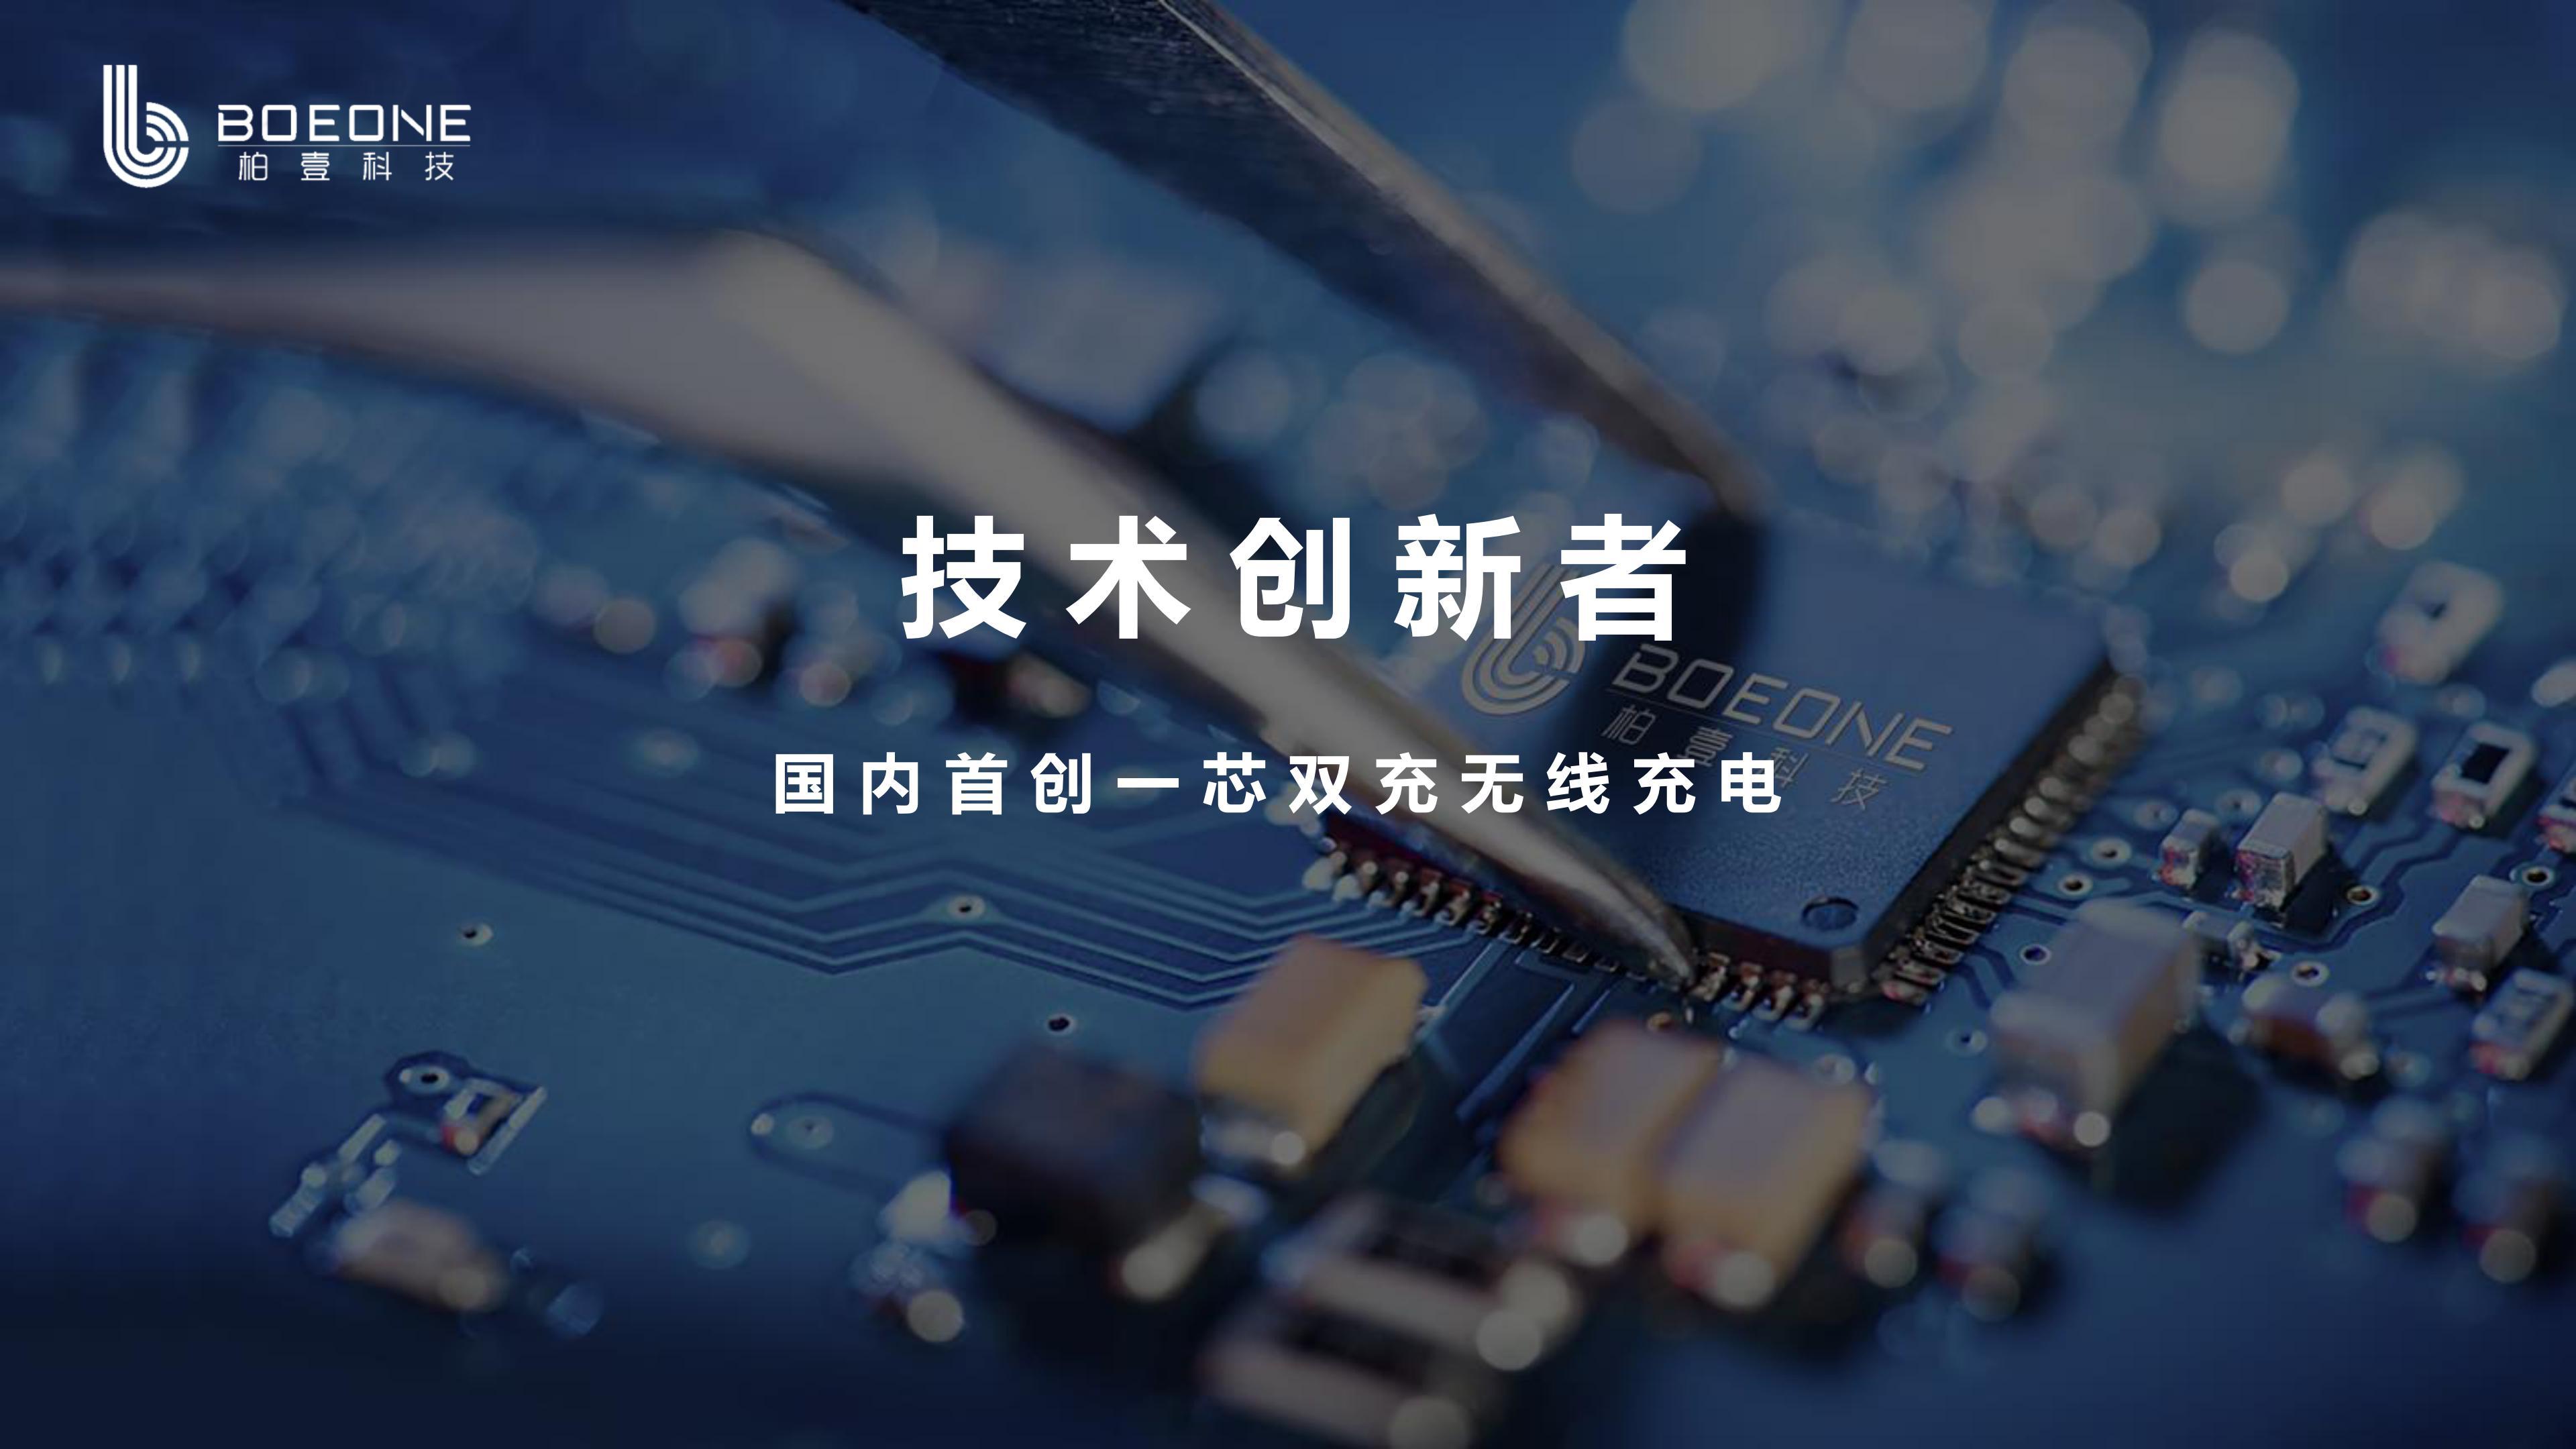 2018(秋季)中国无线充电产业高峰论坛PPT下载:柏壹科技